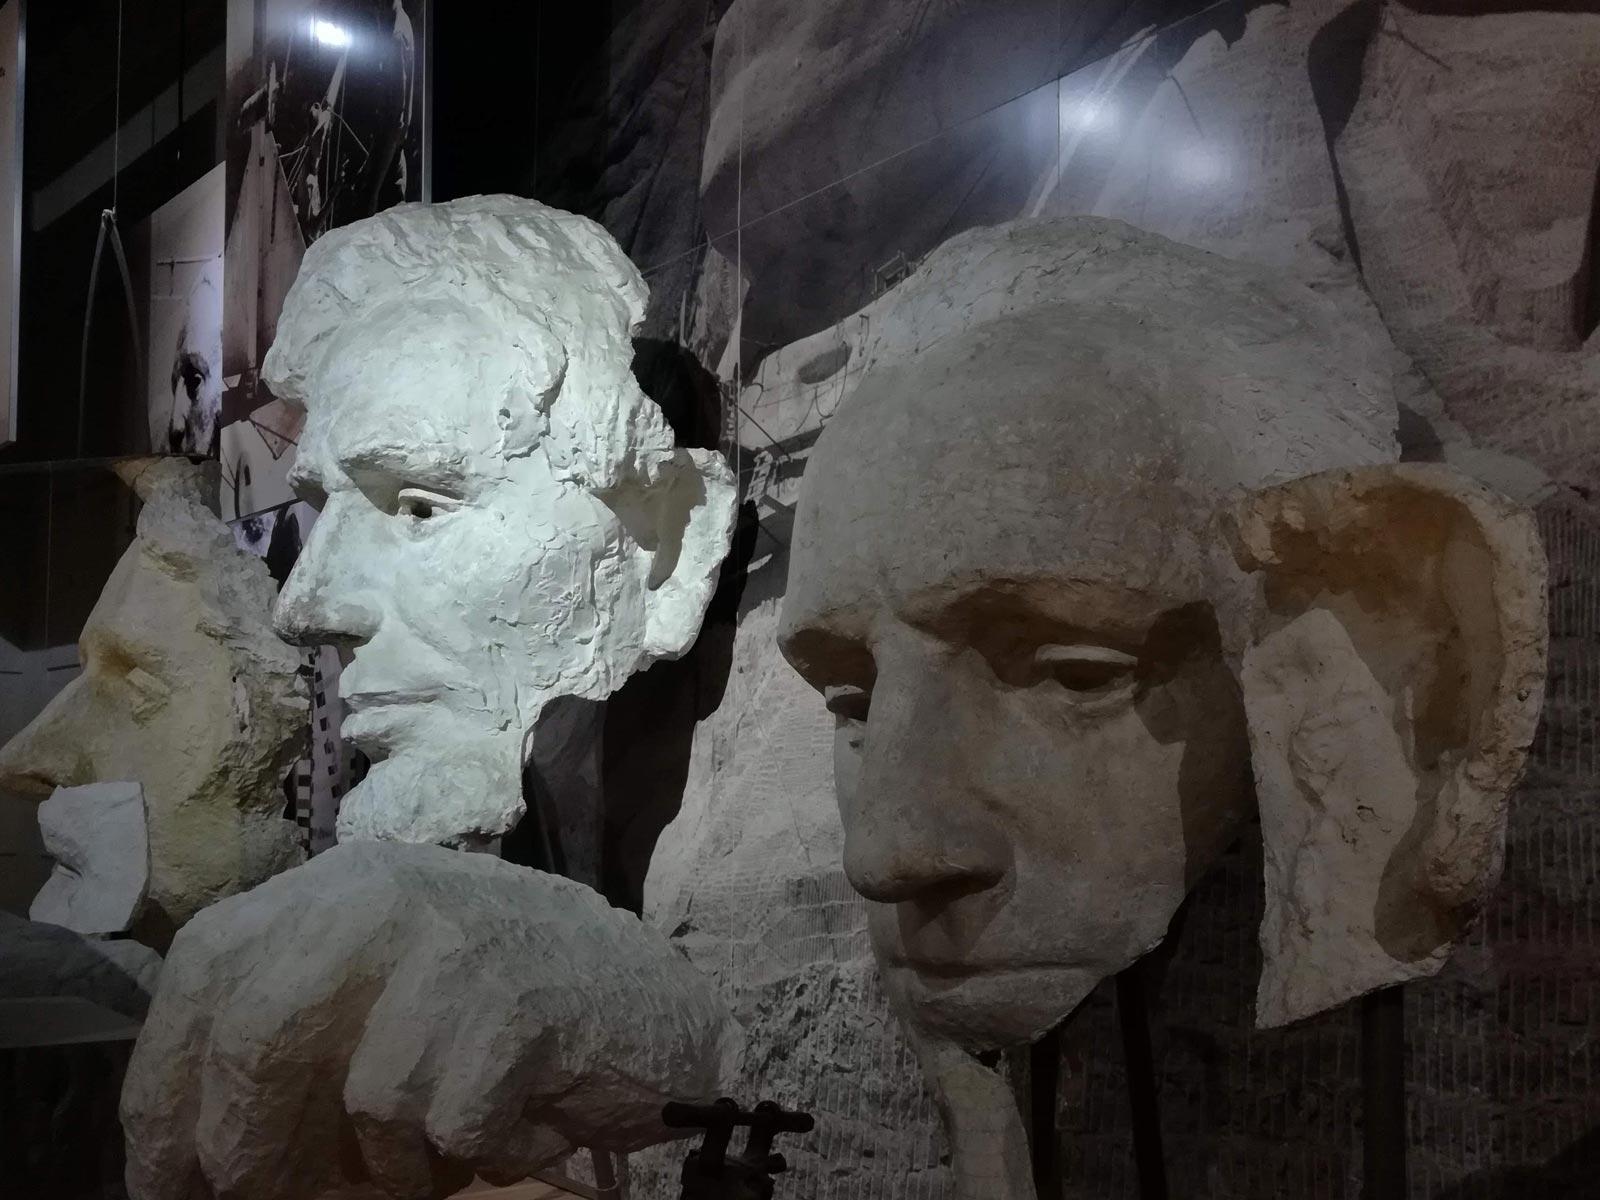 Visitor center museum replicas of Mount Rushmore faces